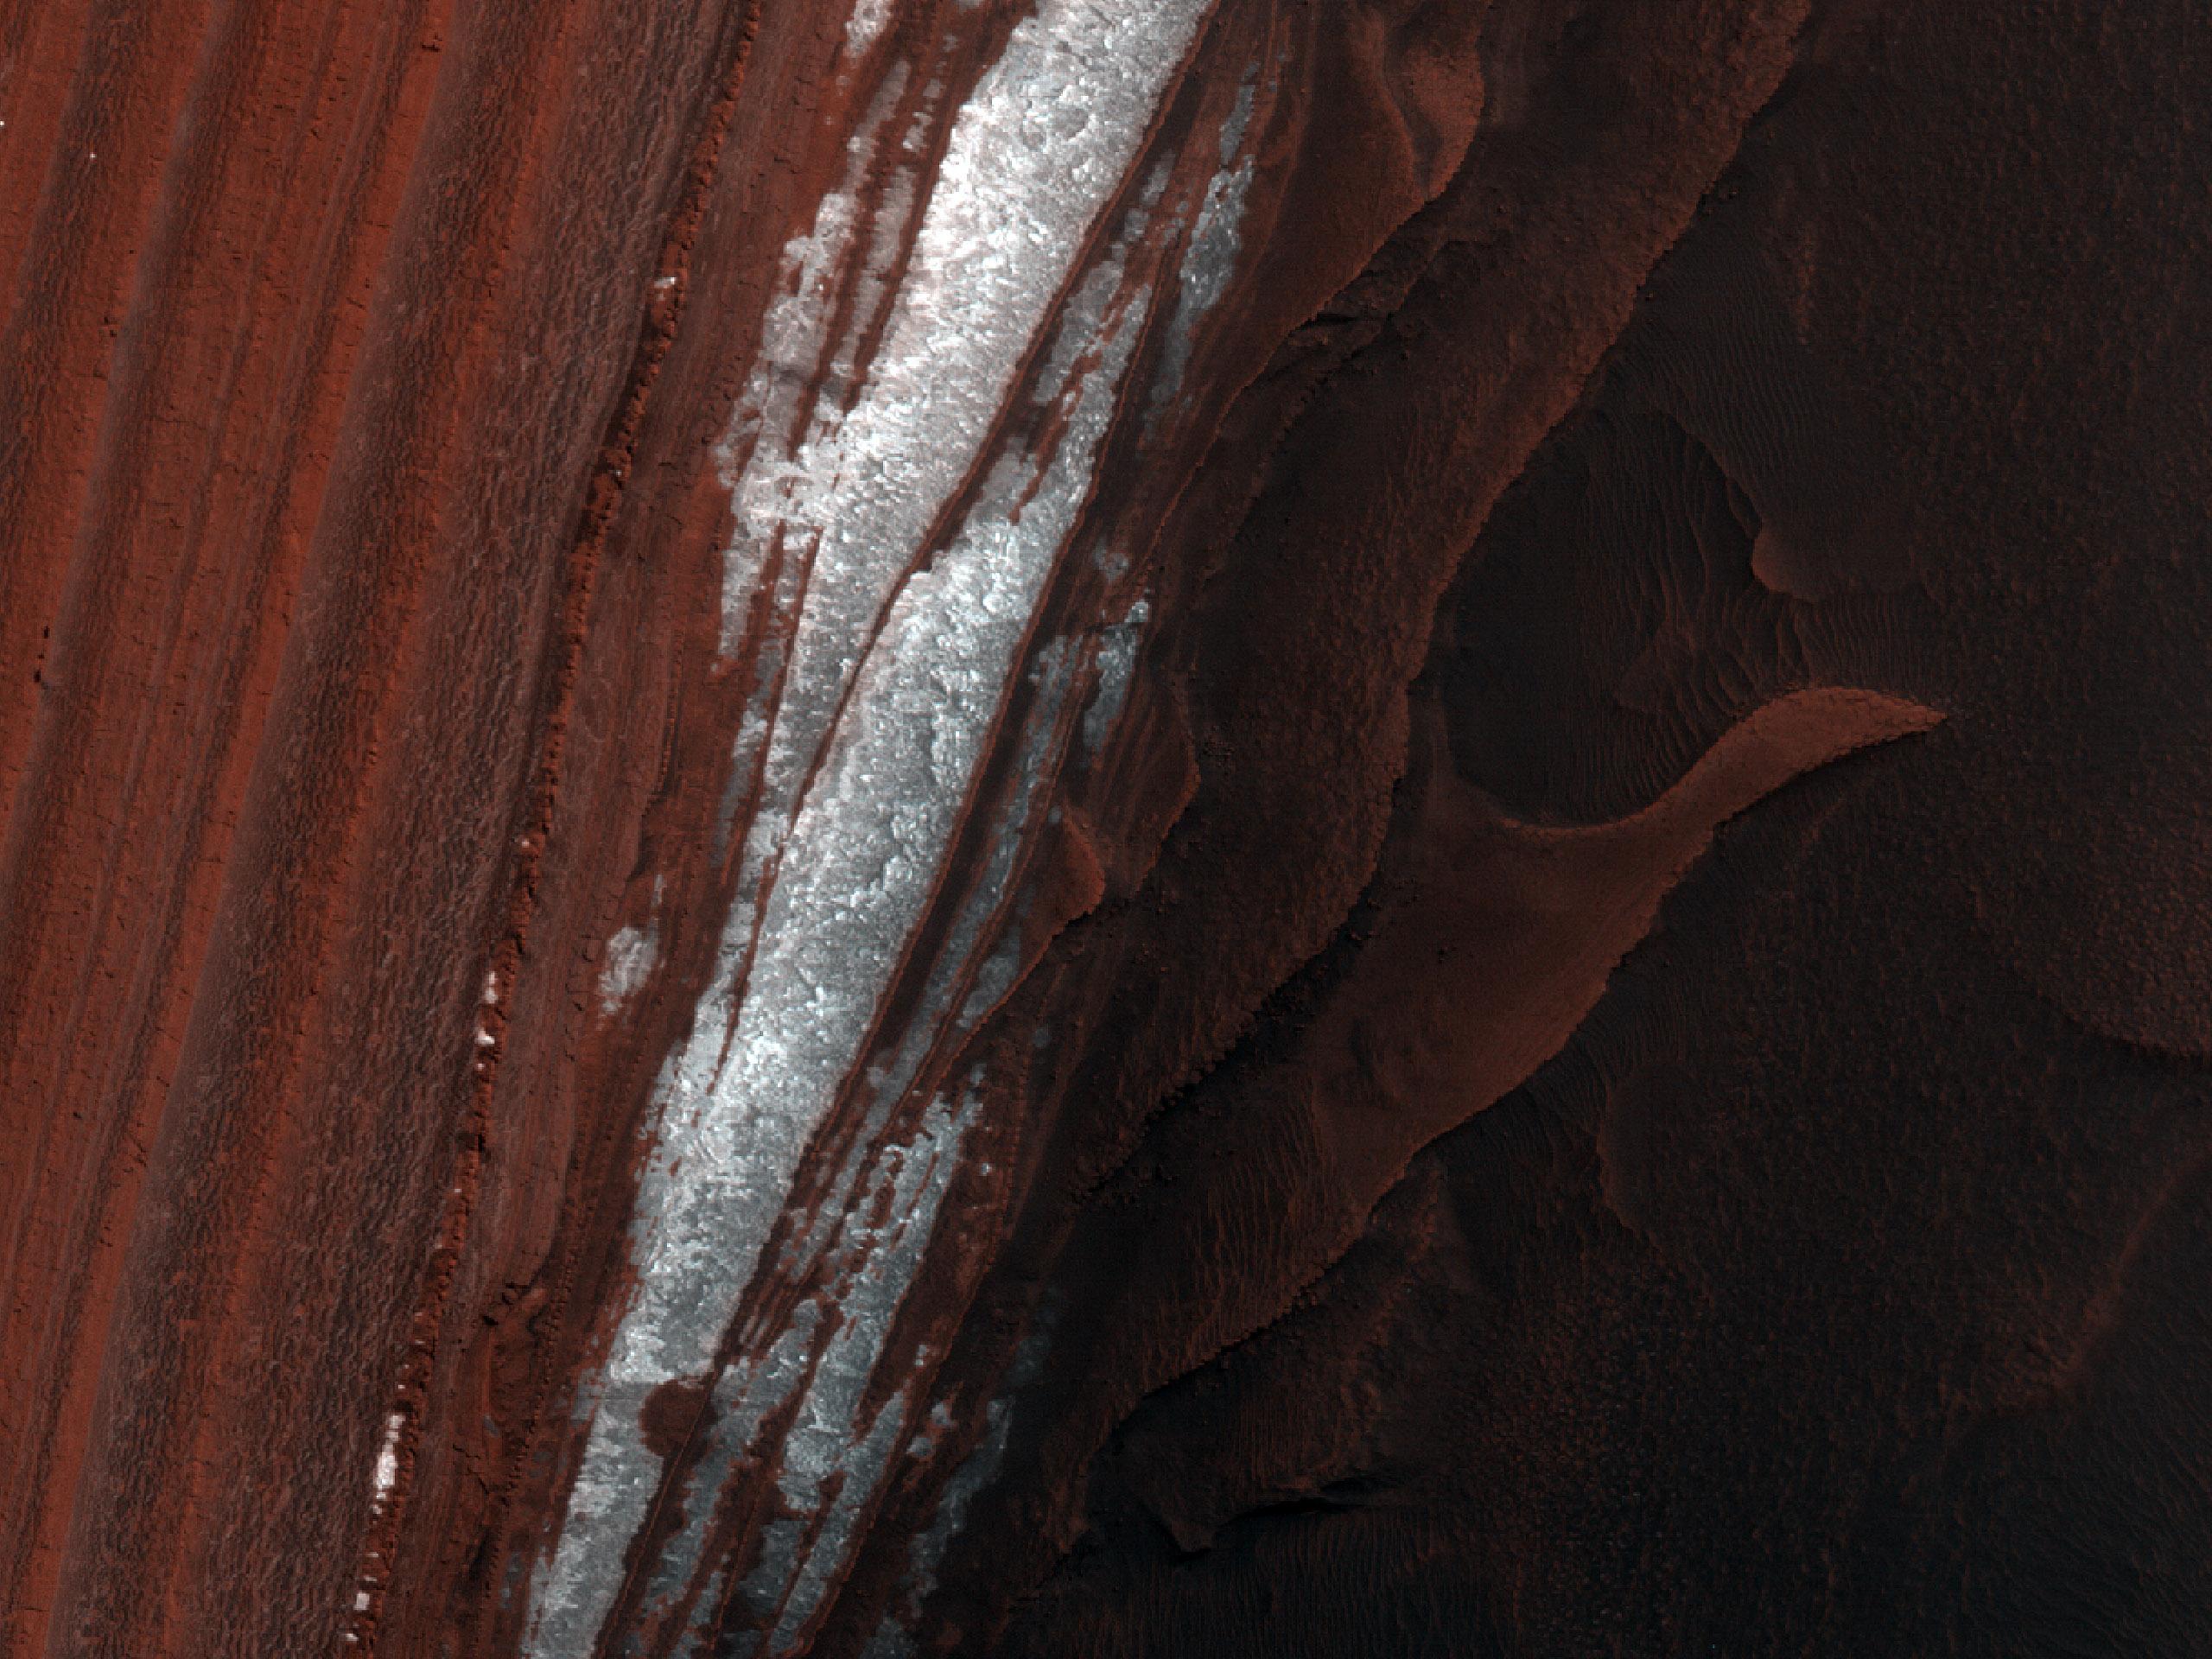 מדרון תלול במרבצים באזור של קוטב הצפוני